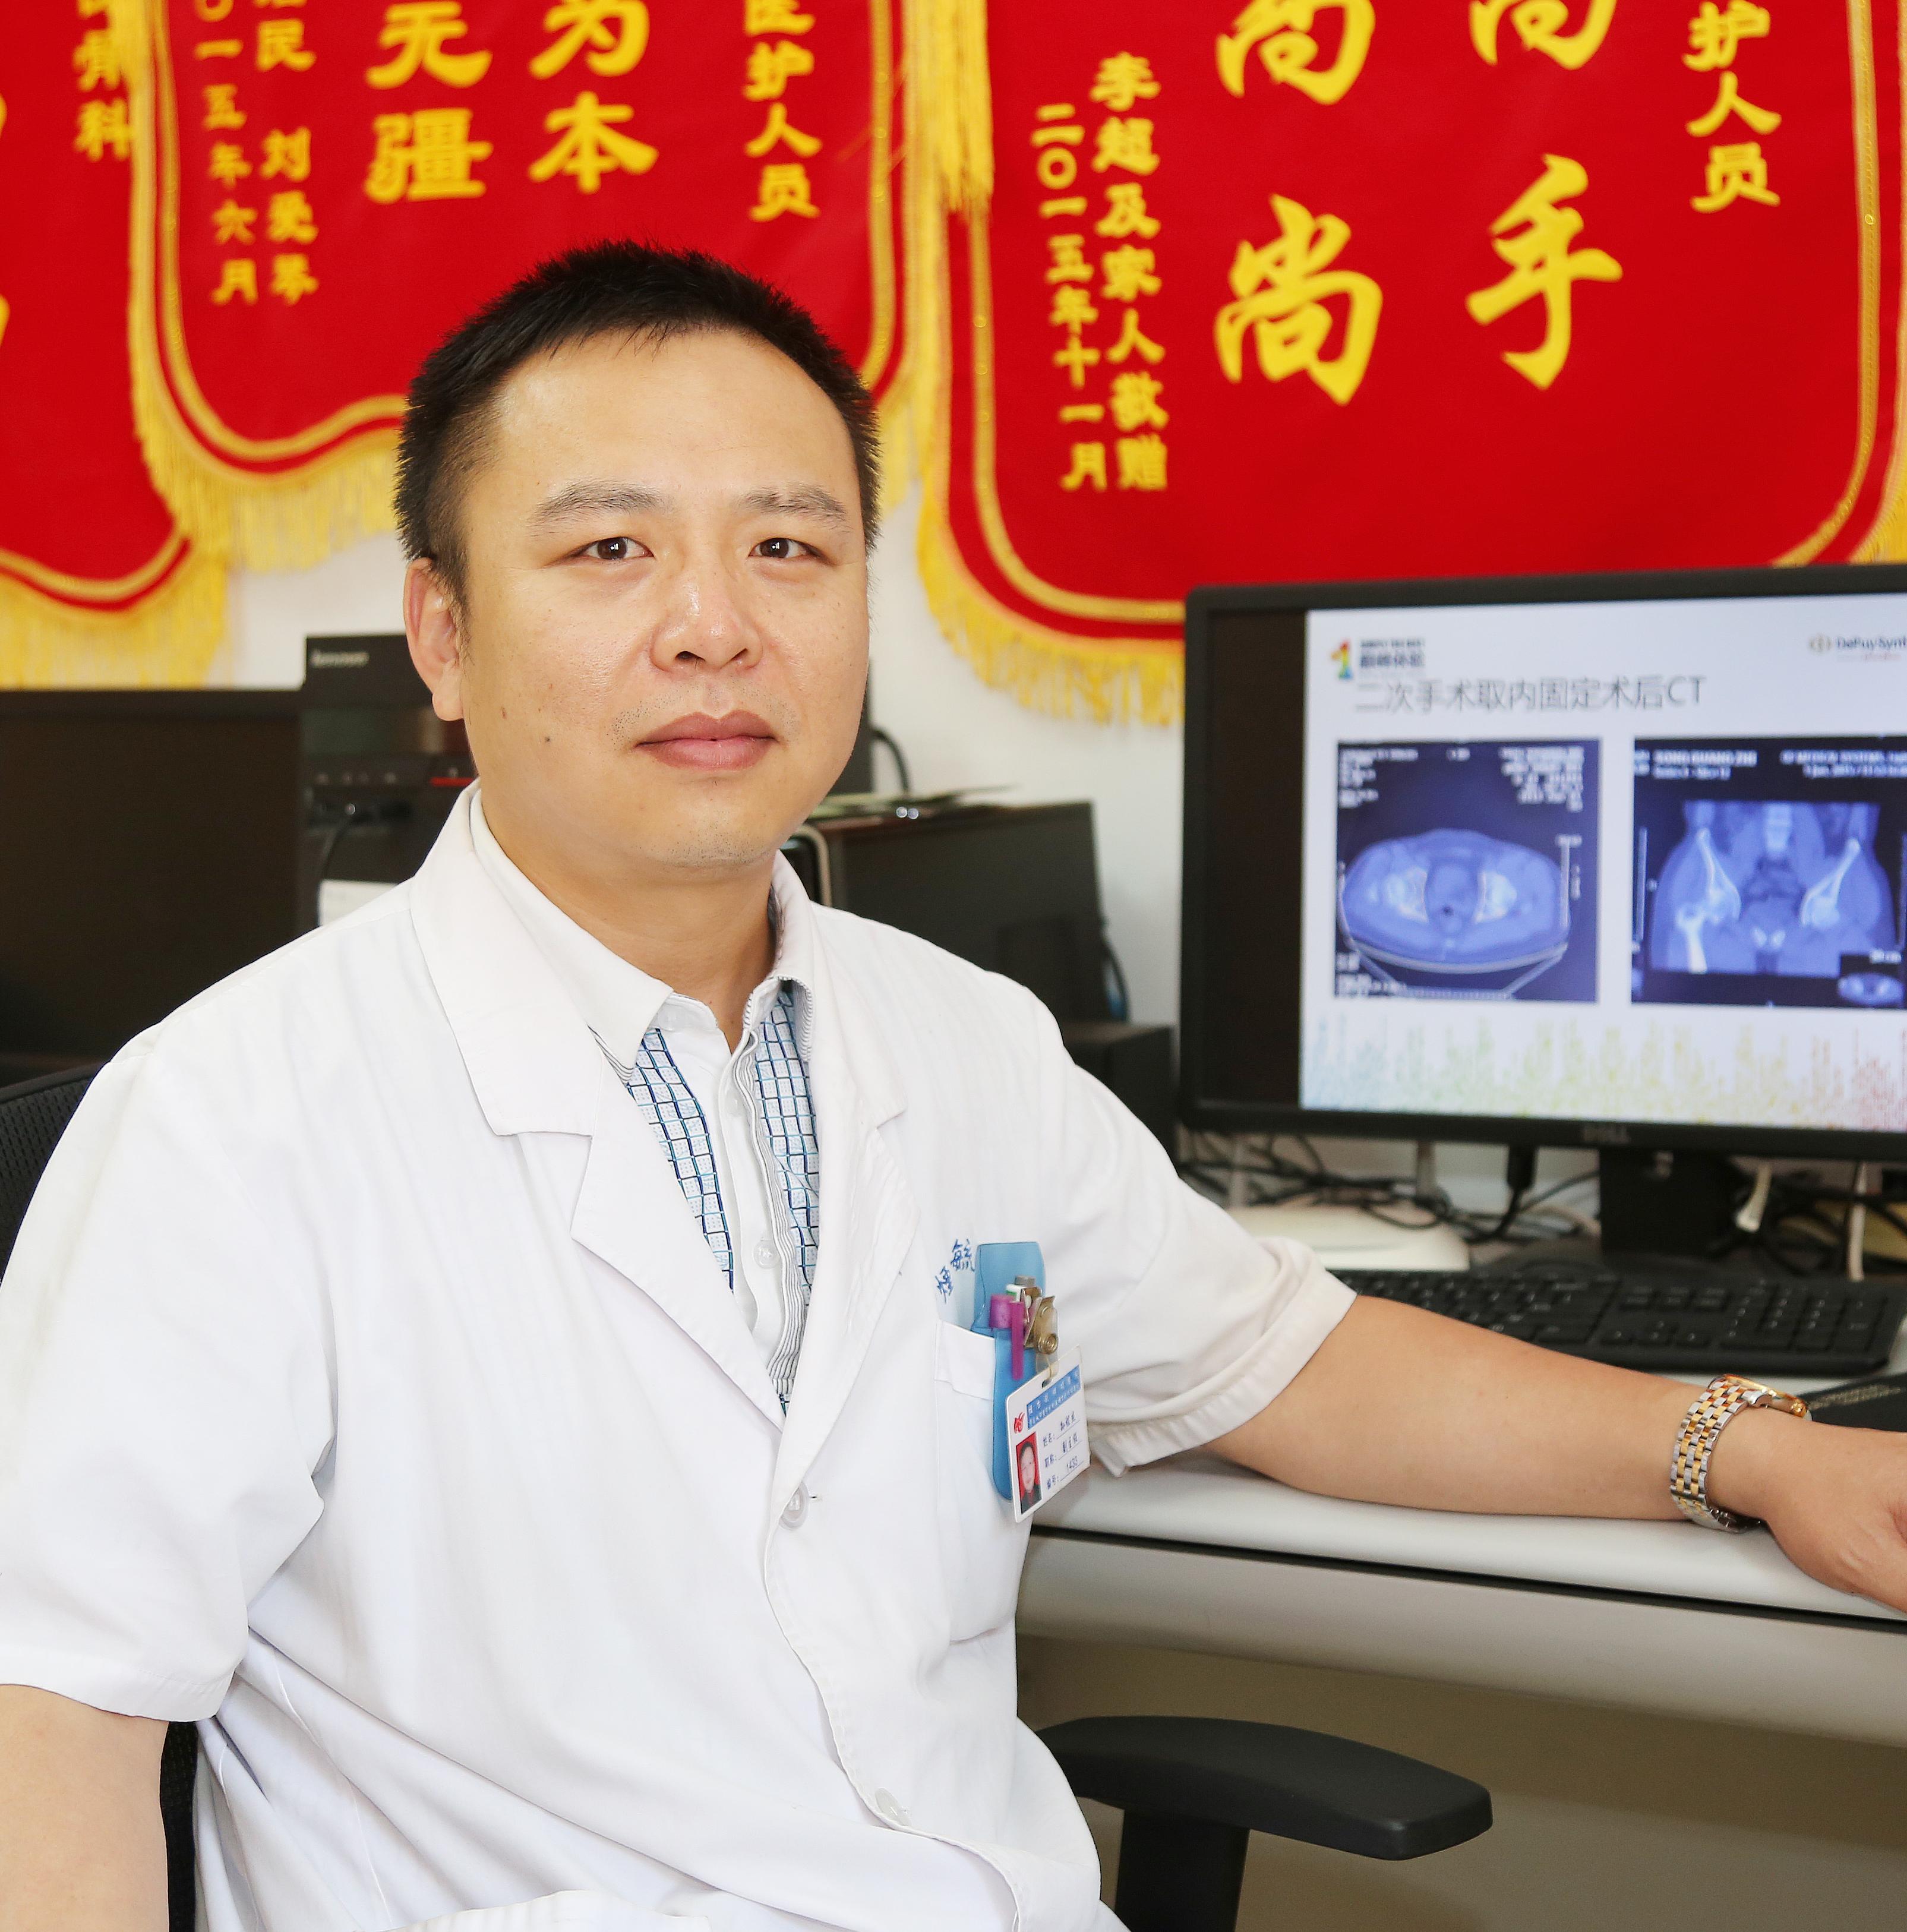 长岛首例!毓璜顶医院对口支援医疗队成功开展断臂再植手术